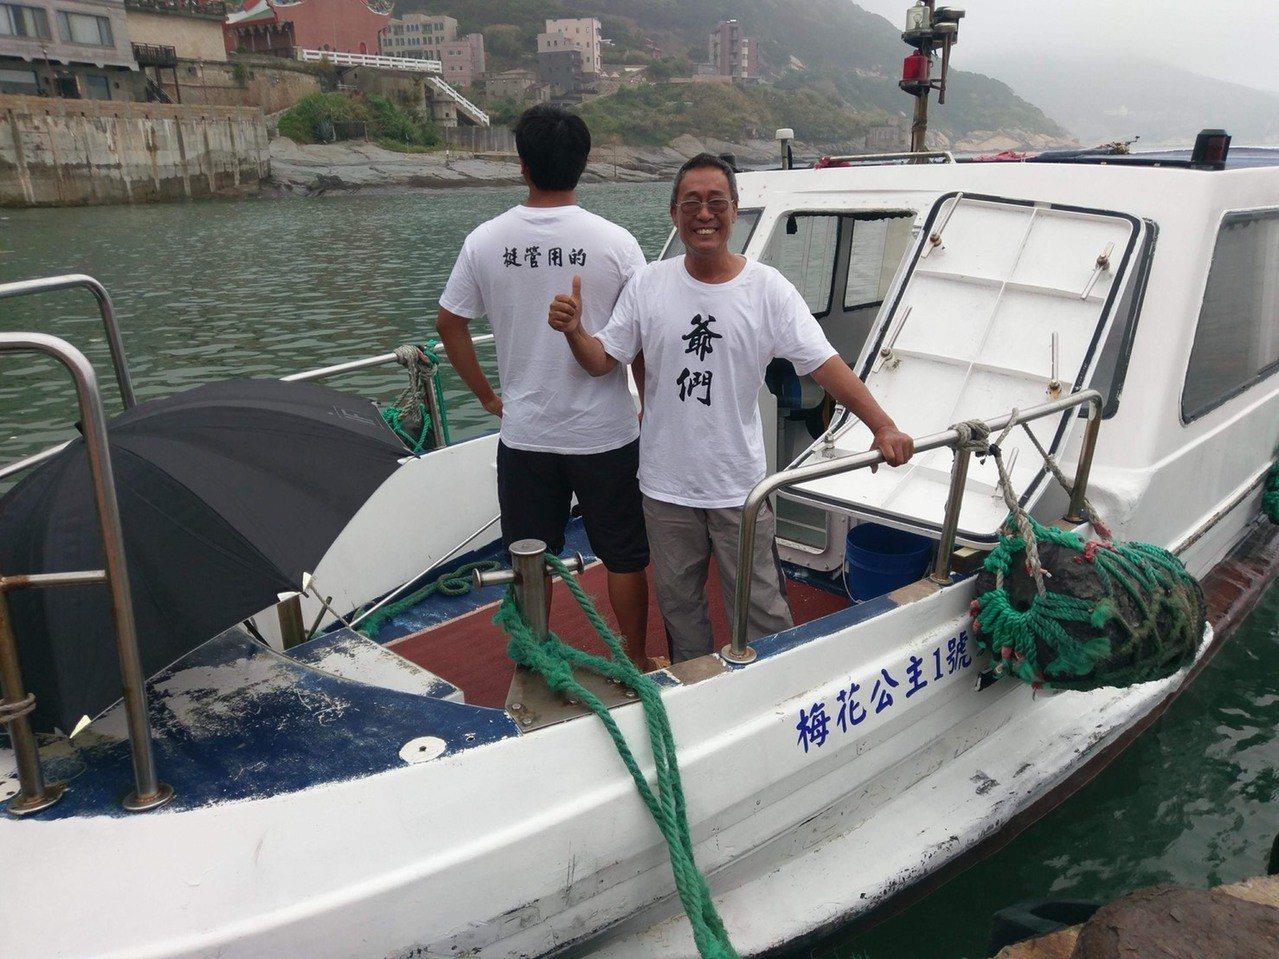 馬祖一位船長已經每天穿著潮T出航,響應台大自主聯盟活動,表達挺「大學自治,學術自...